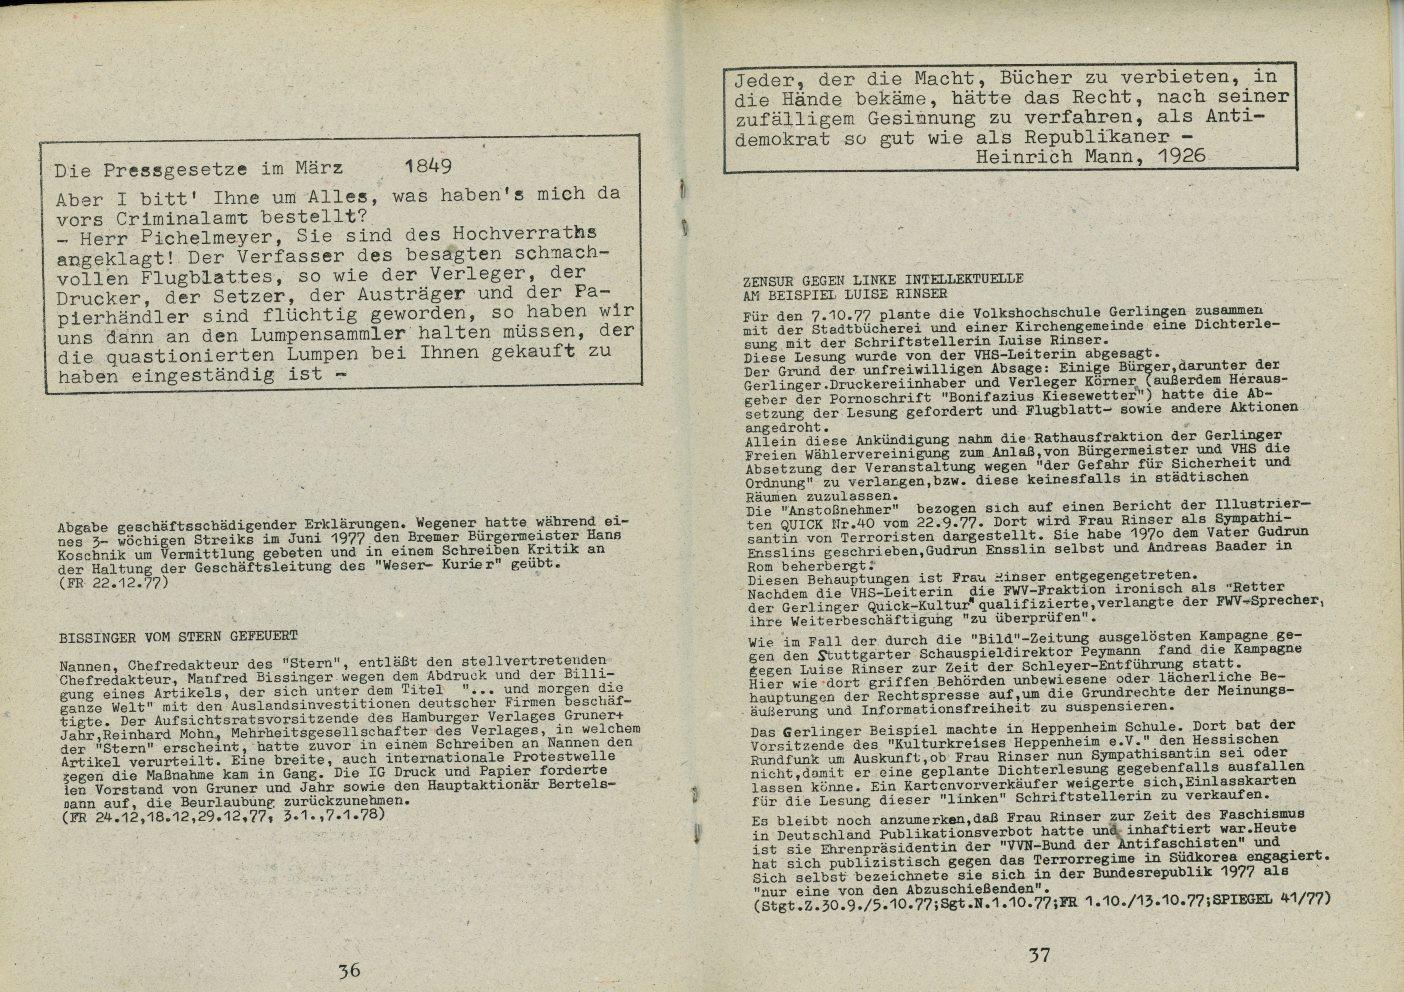 Stuttgart_AGRT_Menschenrechtsverletzungen_Leseheft_1978_20